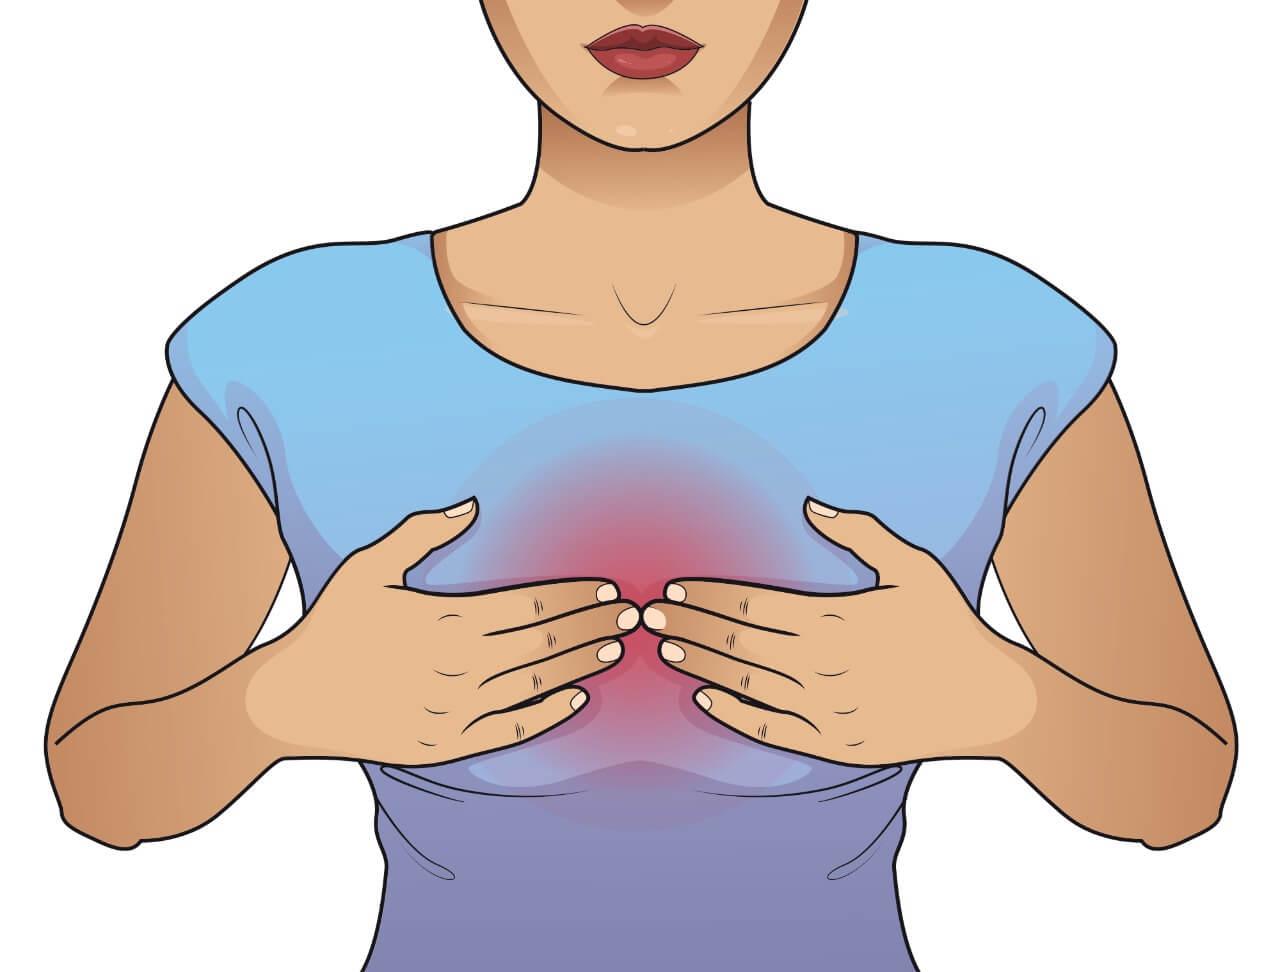 خروج حليب من الثدي في الشهر الأول من الحمل ماذا أفعل وأسبابه زيادة